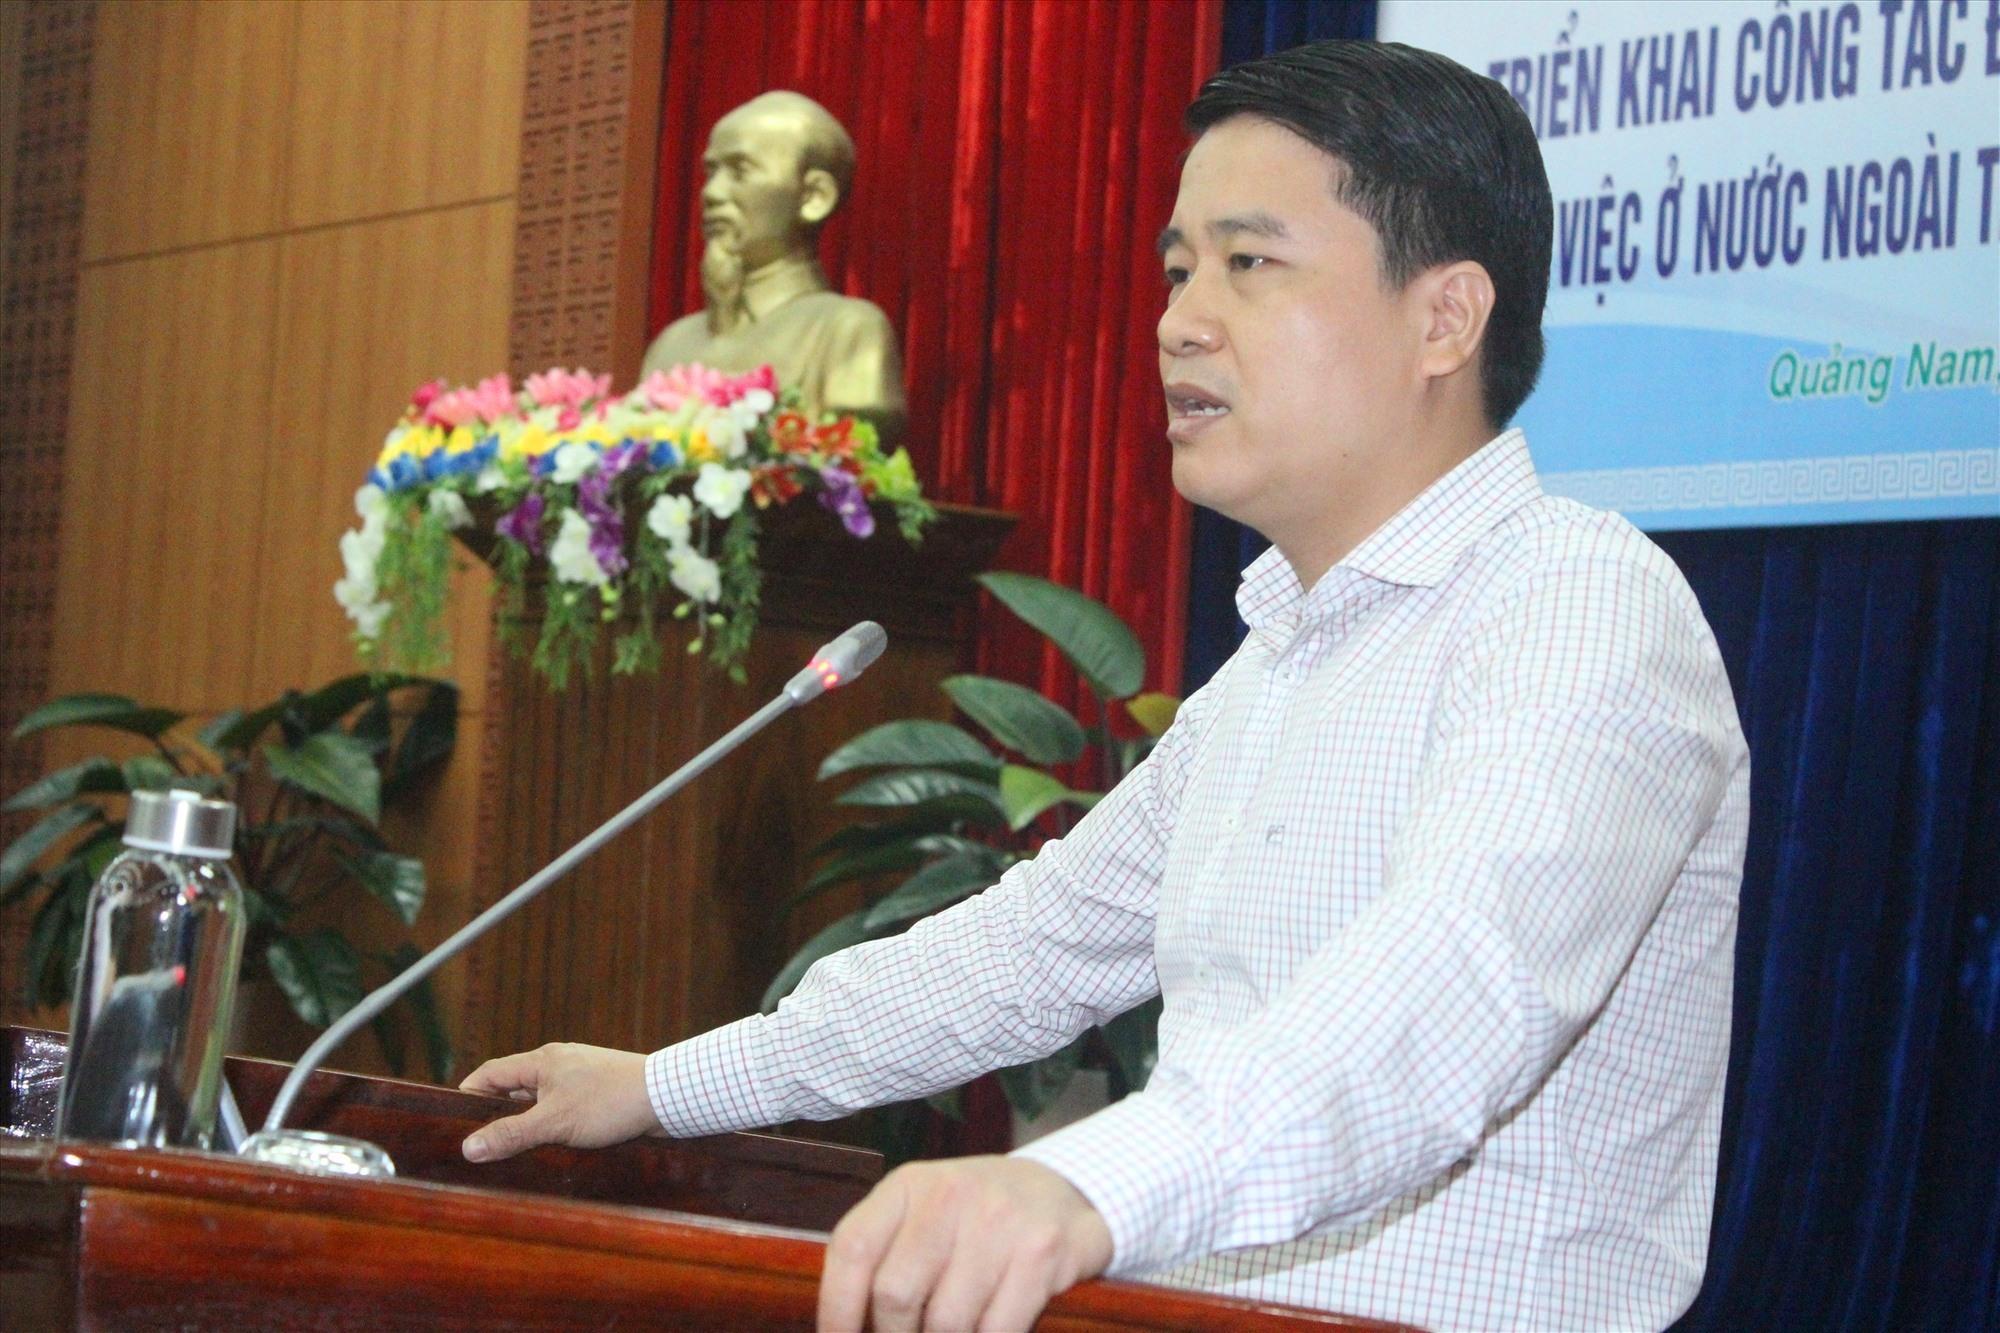 Phó Chủ tịch UBND tỉnh Trần Văn Tân khẳng định cần thực hiện nhiều giải pháp thúc đẩy công tác xuất khẩu lao động. Ảnh: D.L